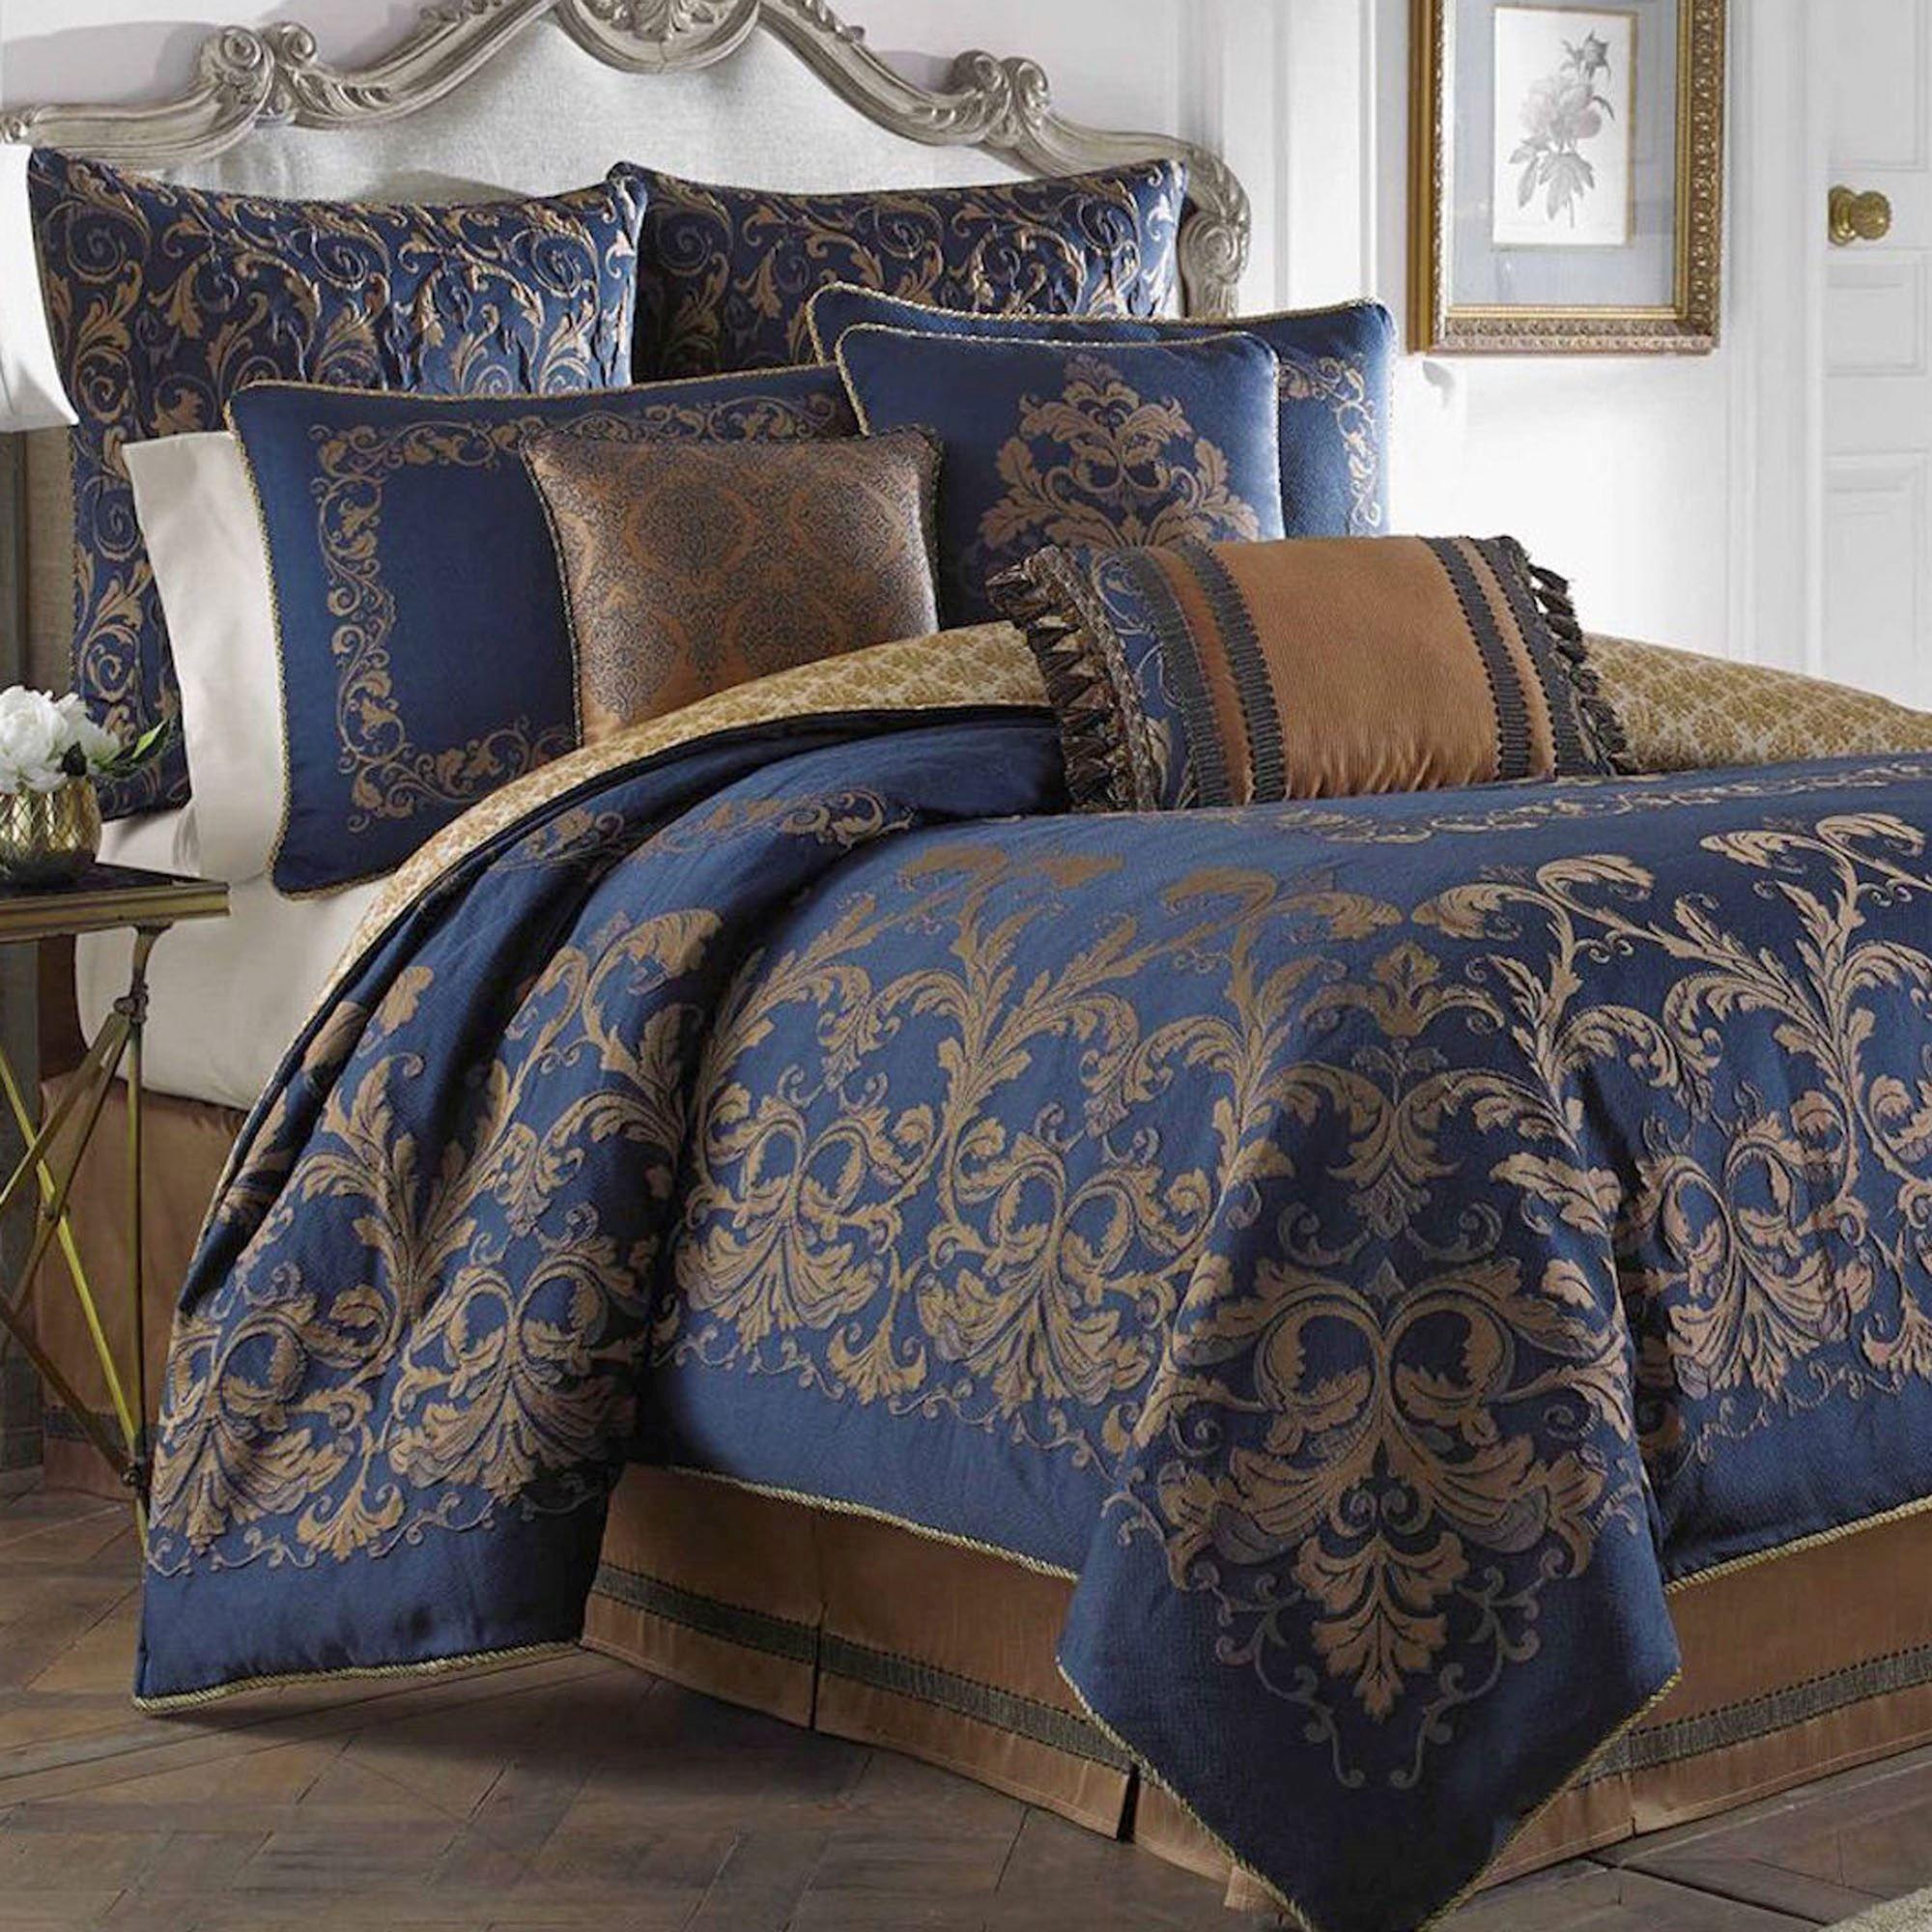 Monroe Midnight Blue Comforter Bedding By Croscill Bedroom